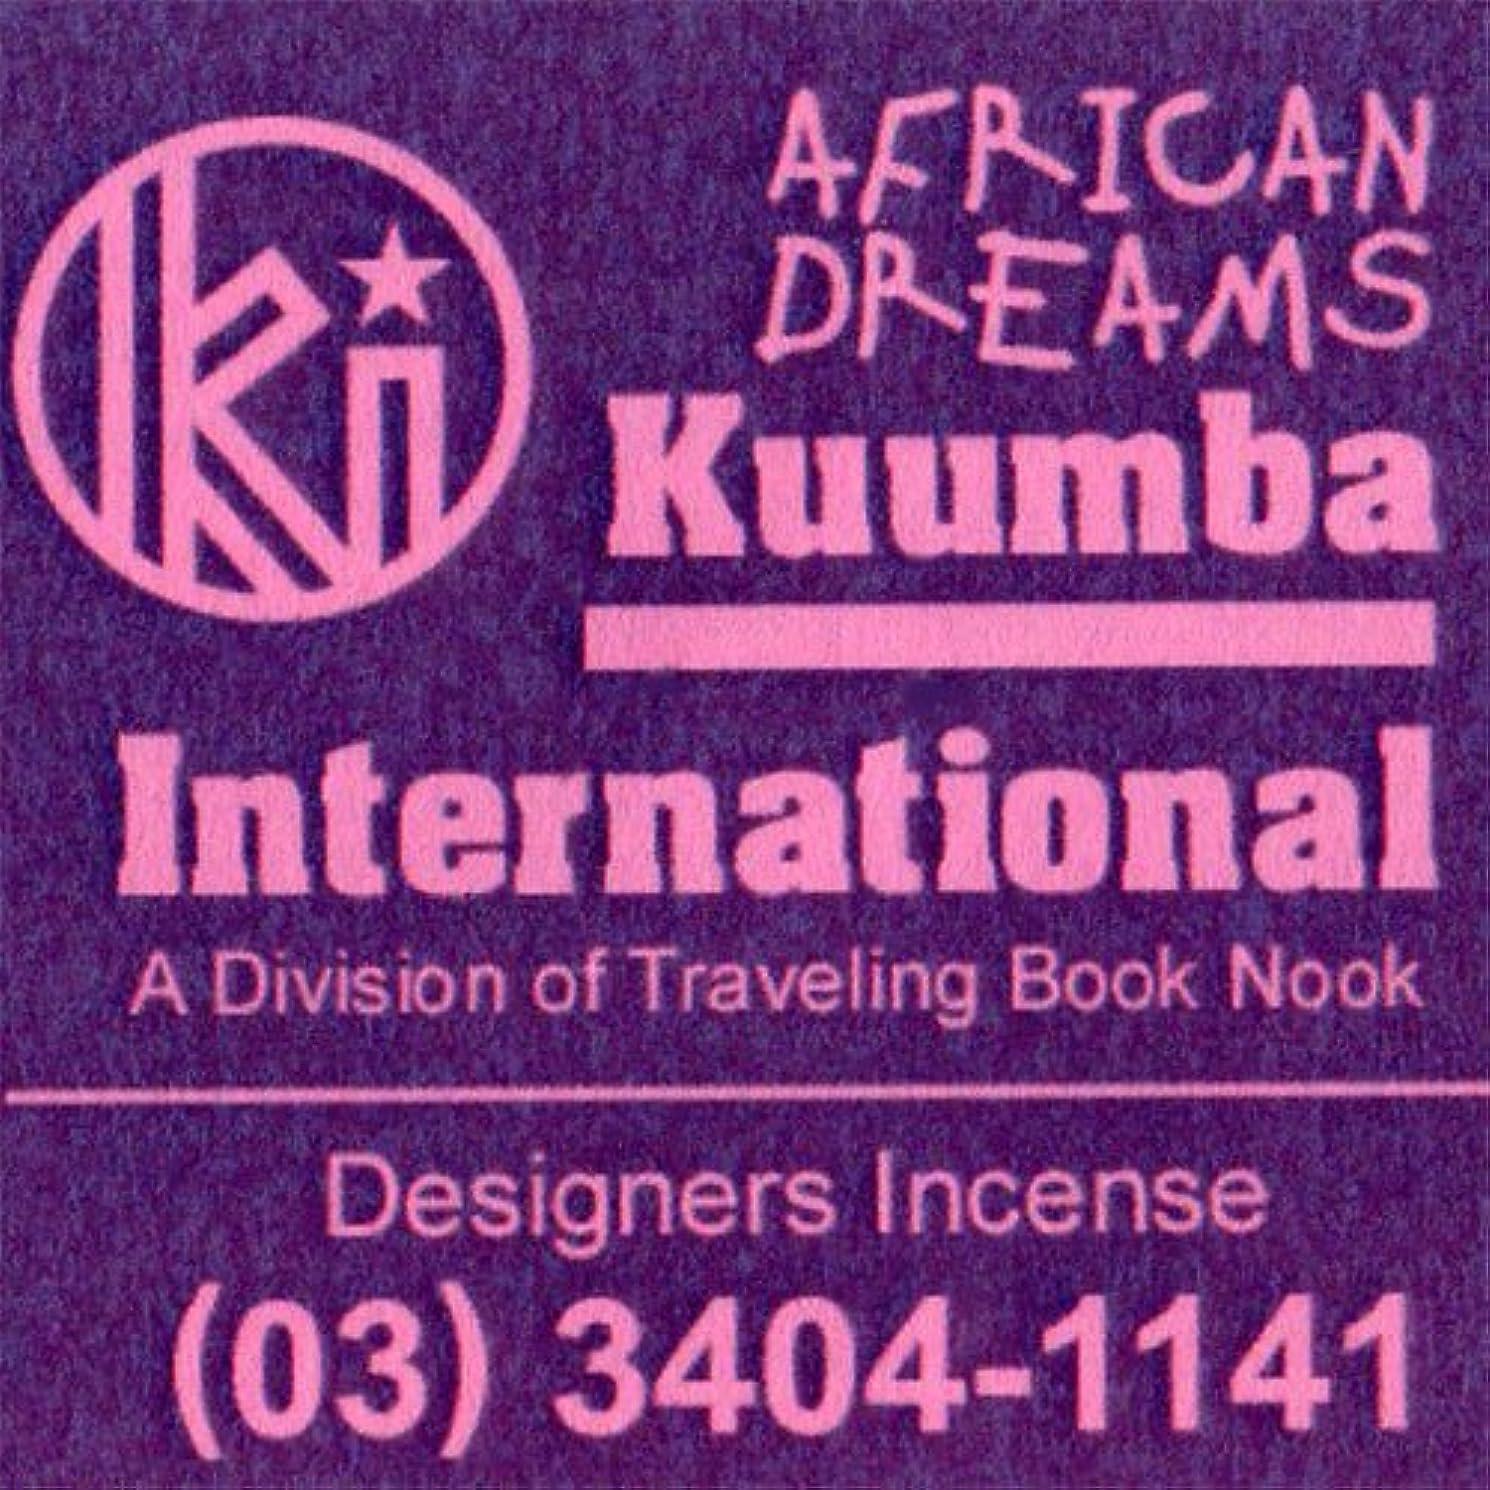 (クンバ) KUUMBA『incense』(AFRICAN DREAMS) (Regular size)